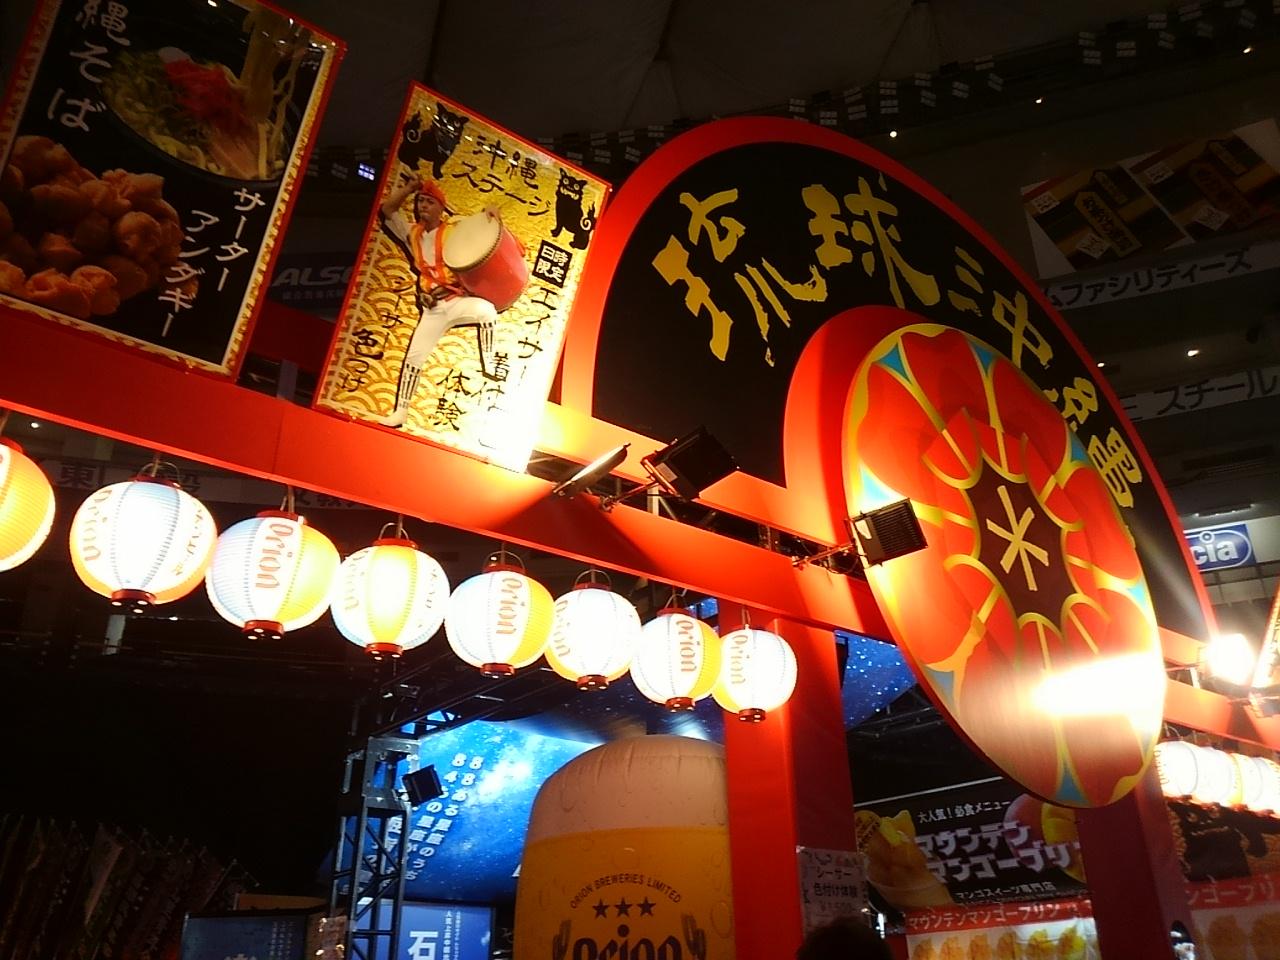 東京ドーム「ふるさと祭り東京」で沖縄を楽しむには